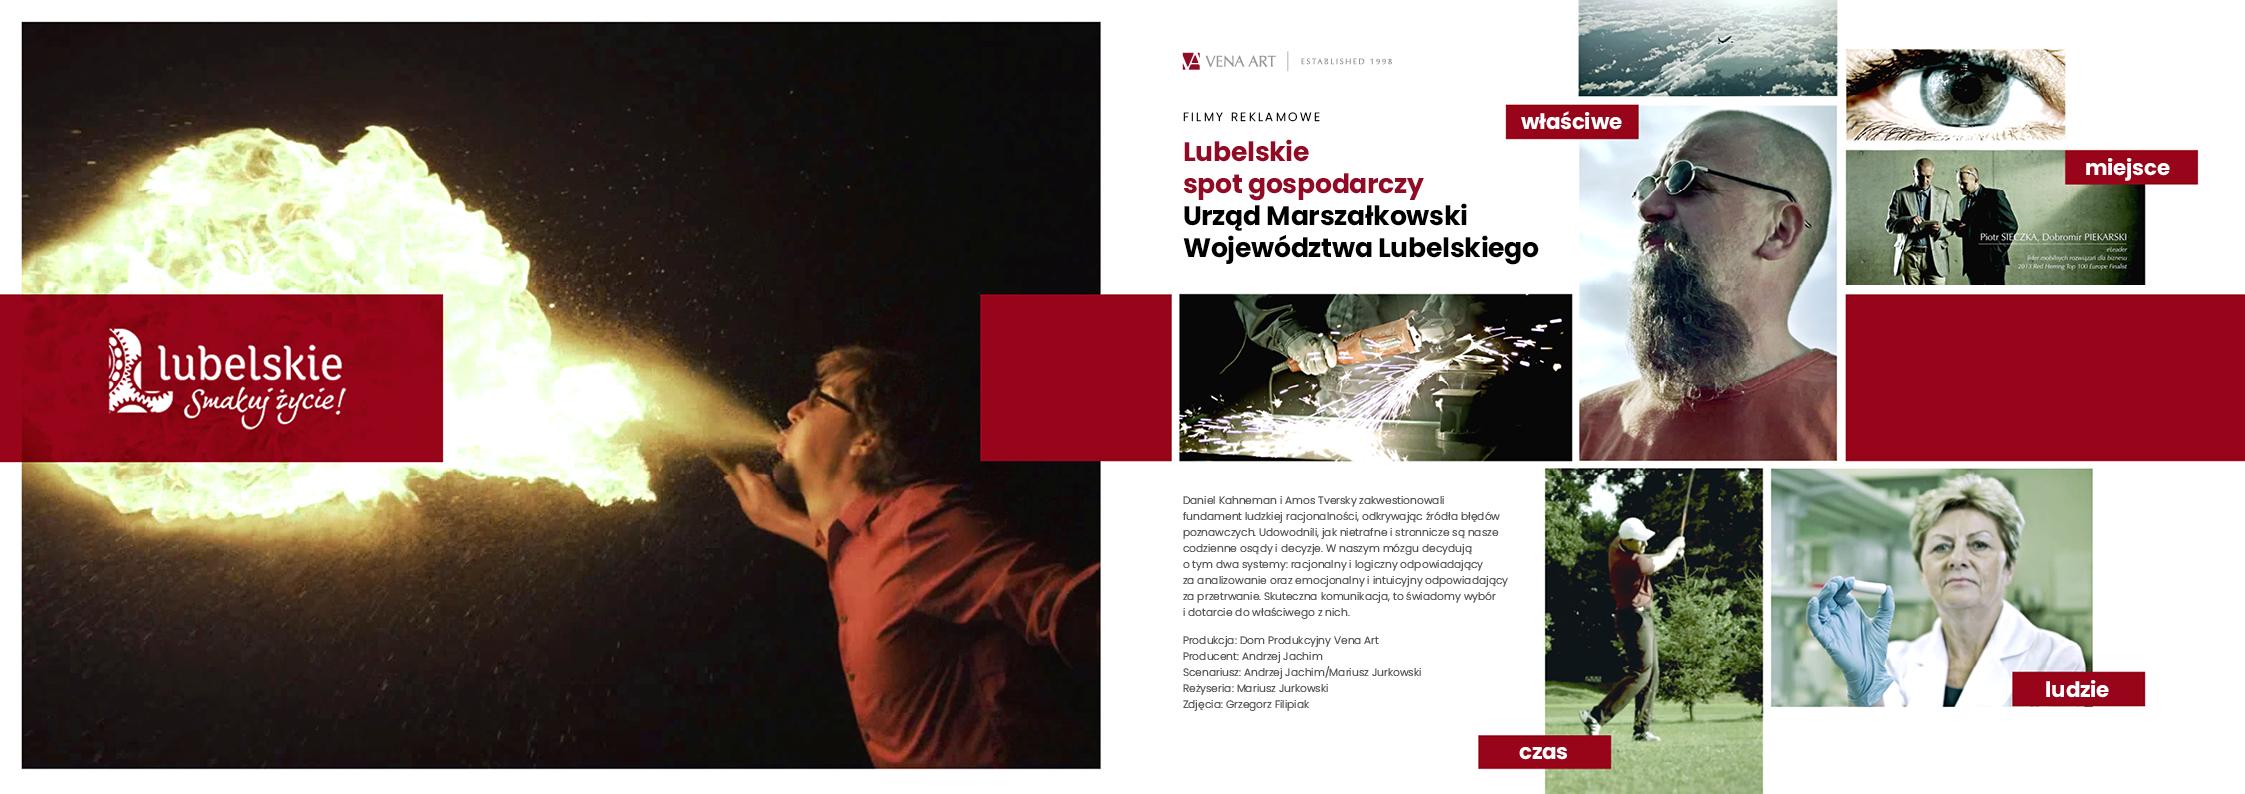 Lubelskie spot gospodarczy —Urząd Marszałkowski Województwa Lubelskiego